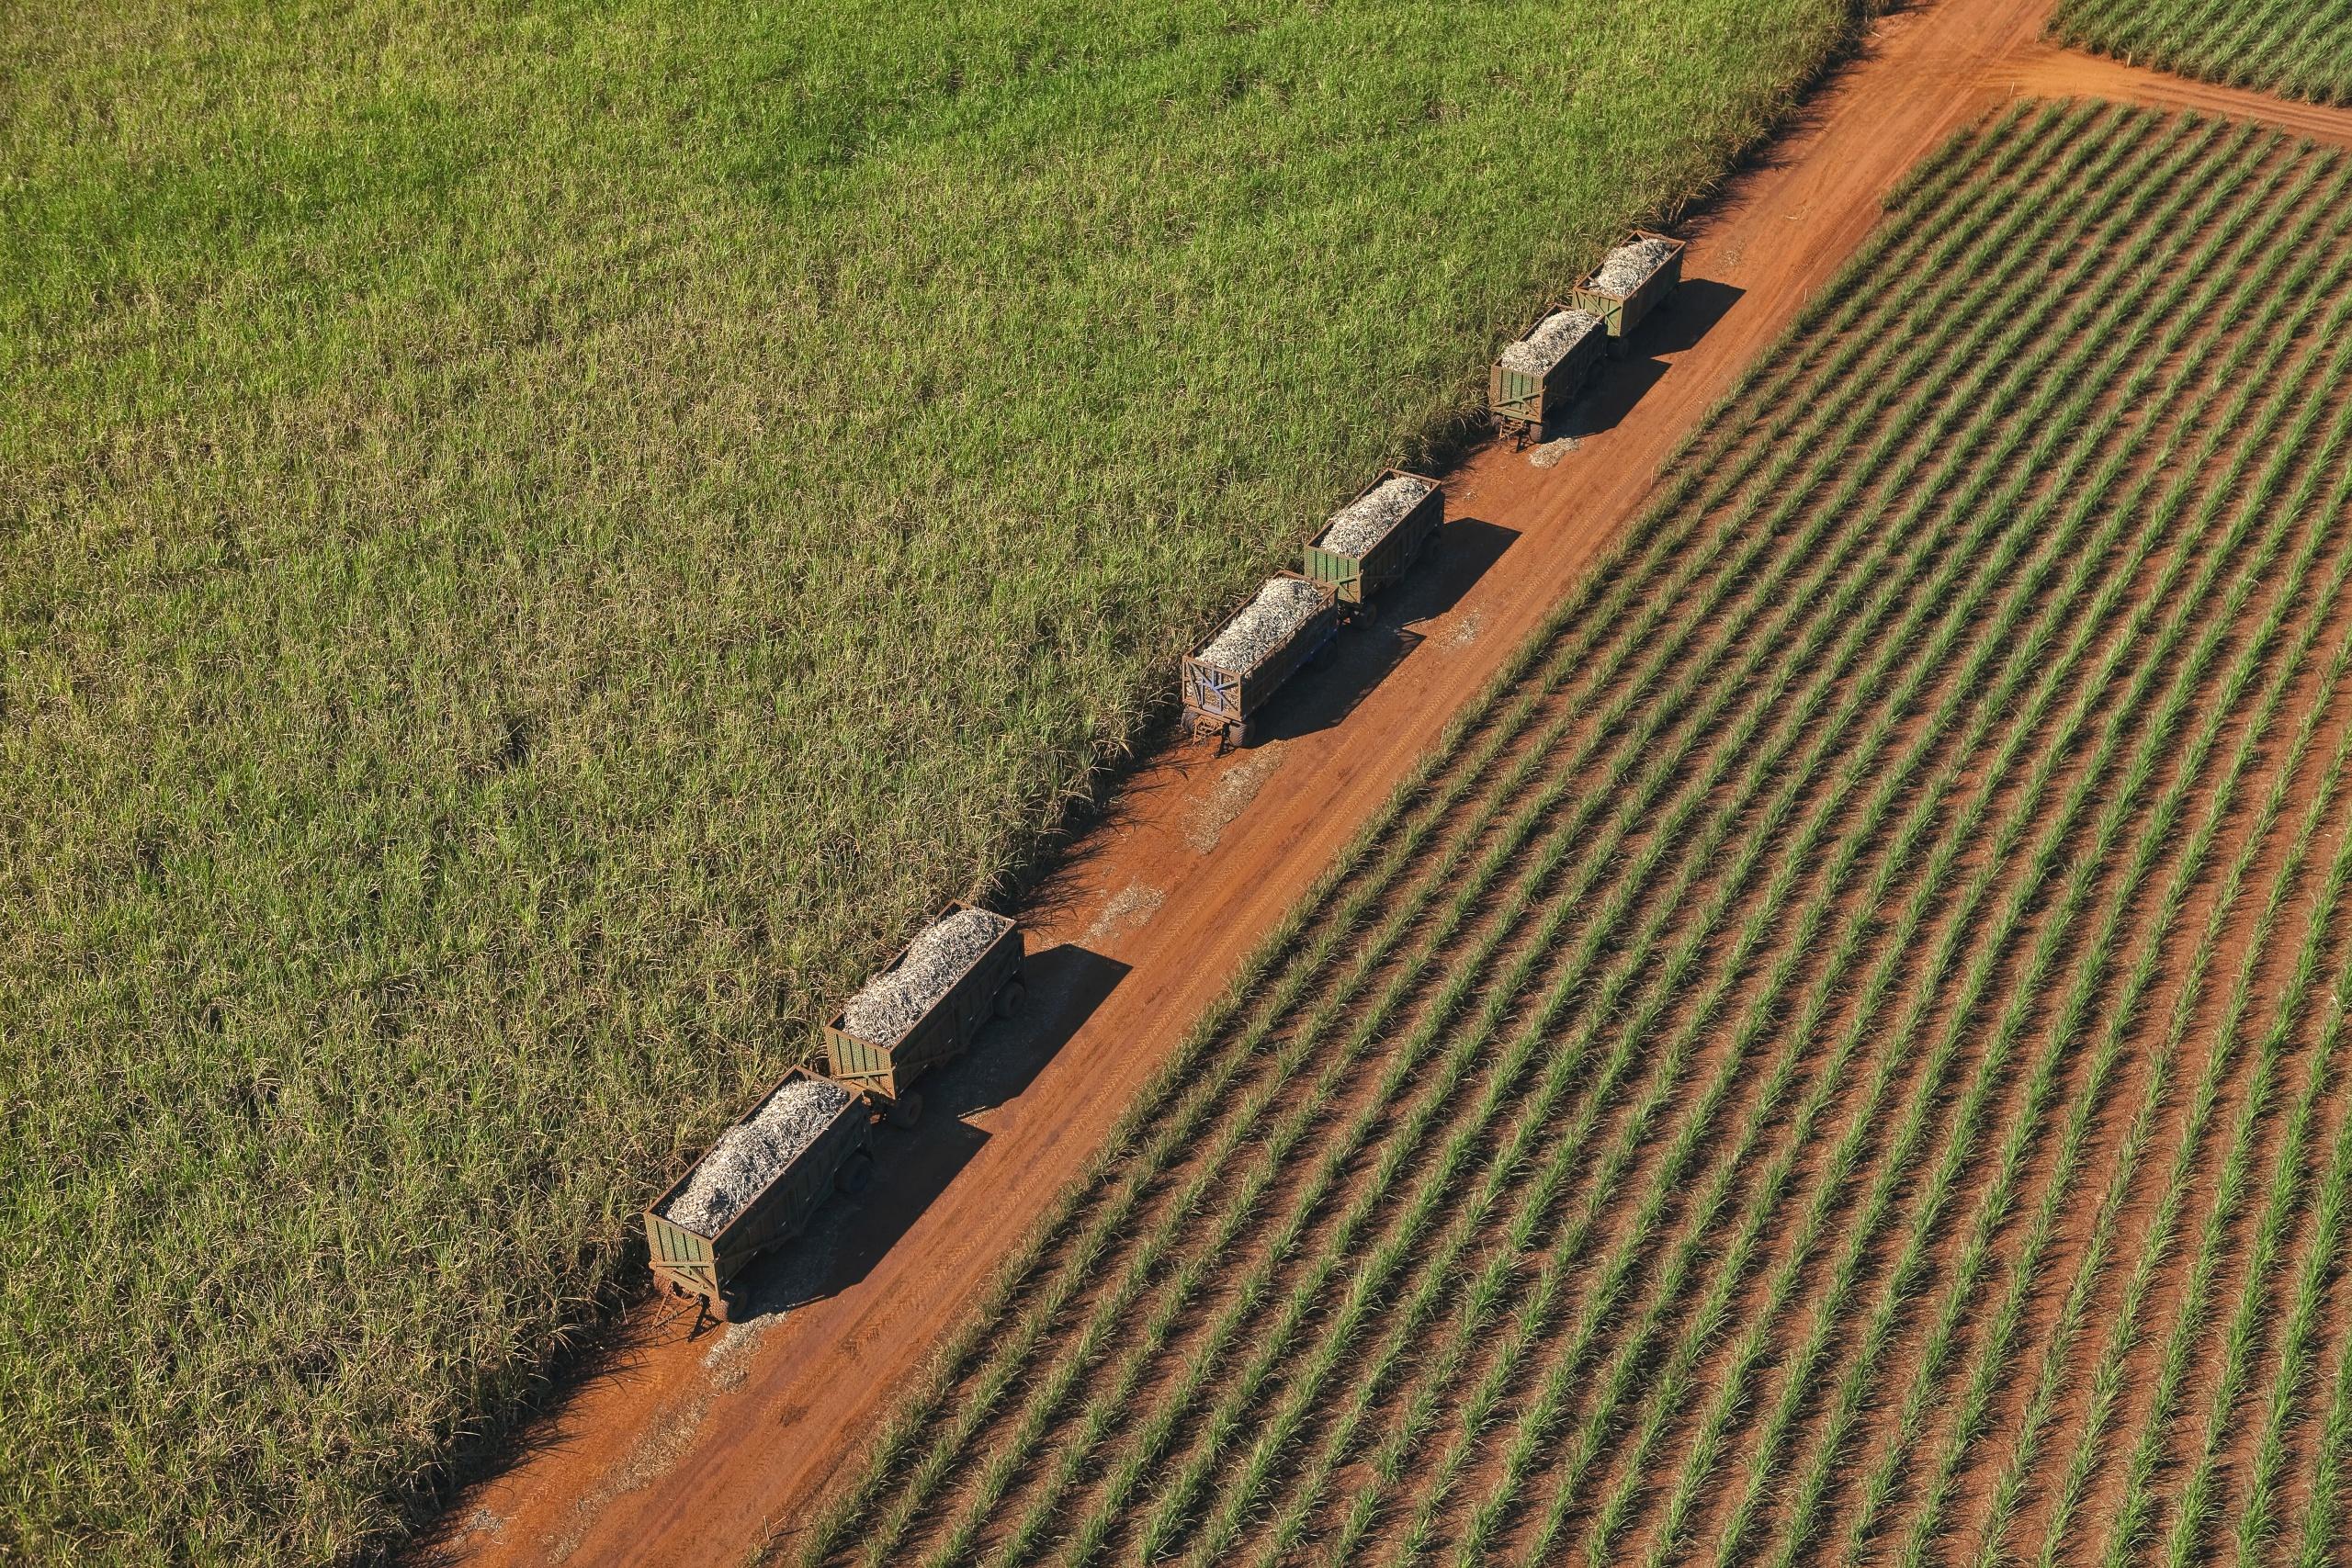 Moagem de cana-de-açúcar totaliza 42,93 milhões de toneladas na segunda quinzena de junho